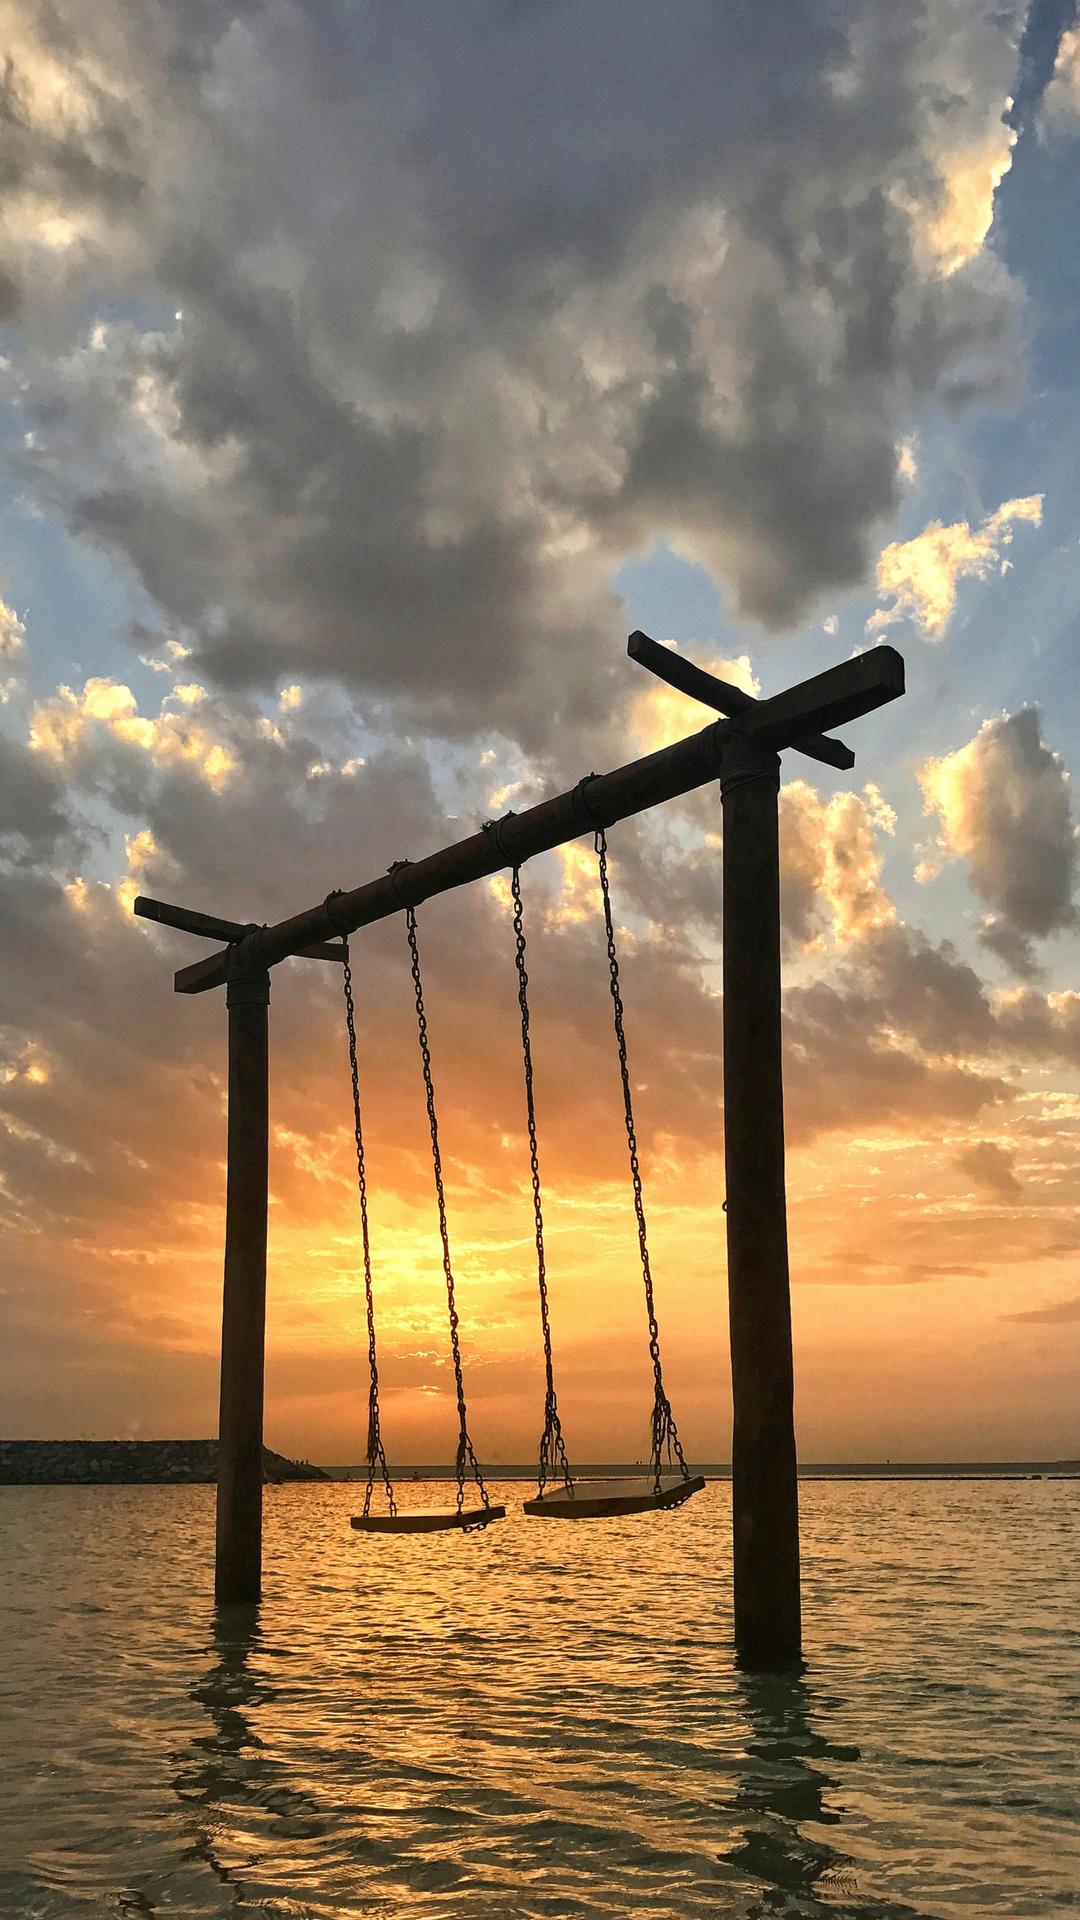 تصوير-الطبيعة-الصيف-بحر